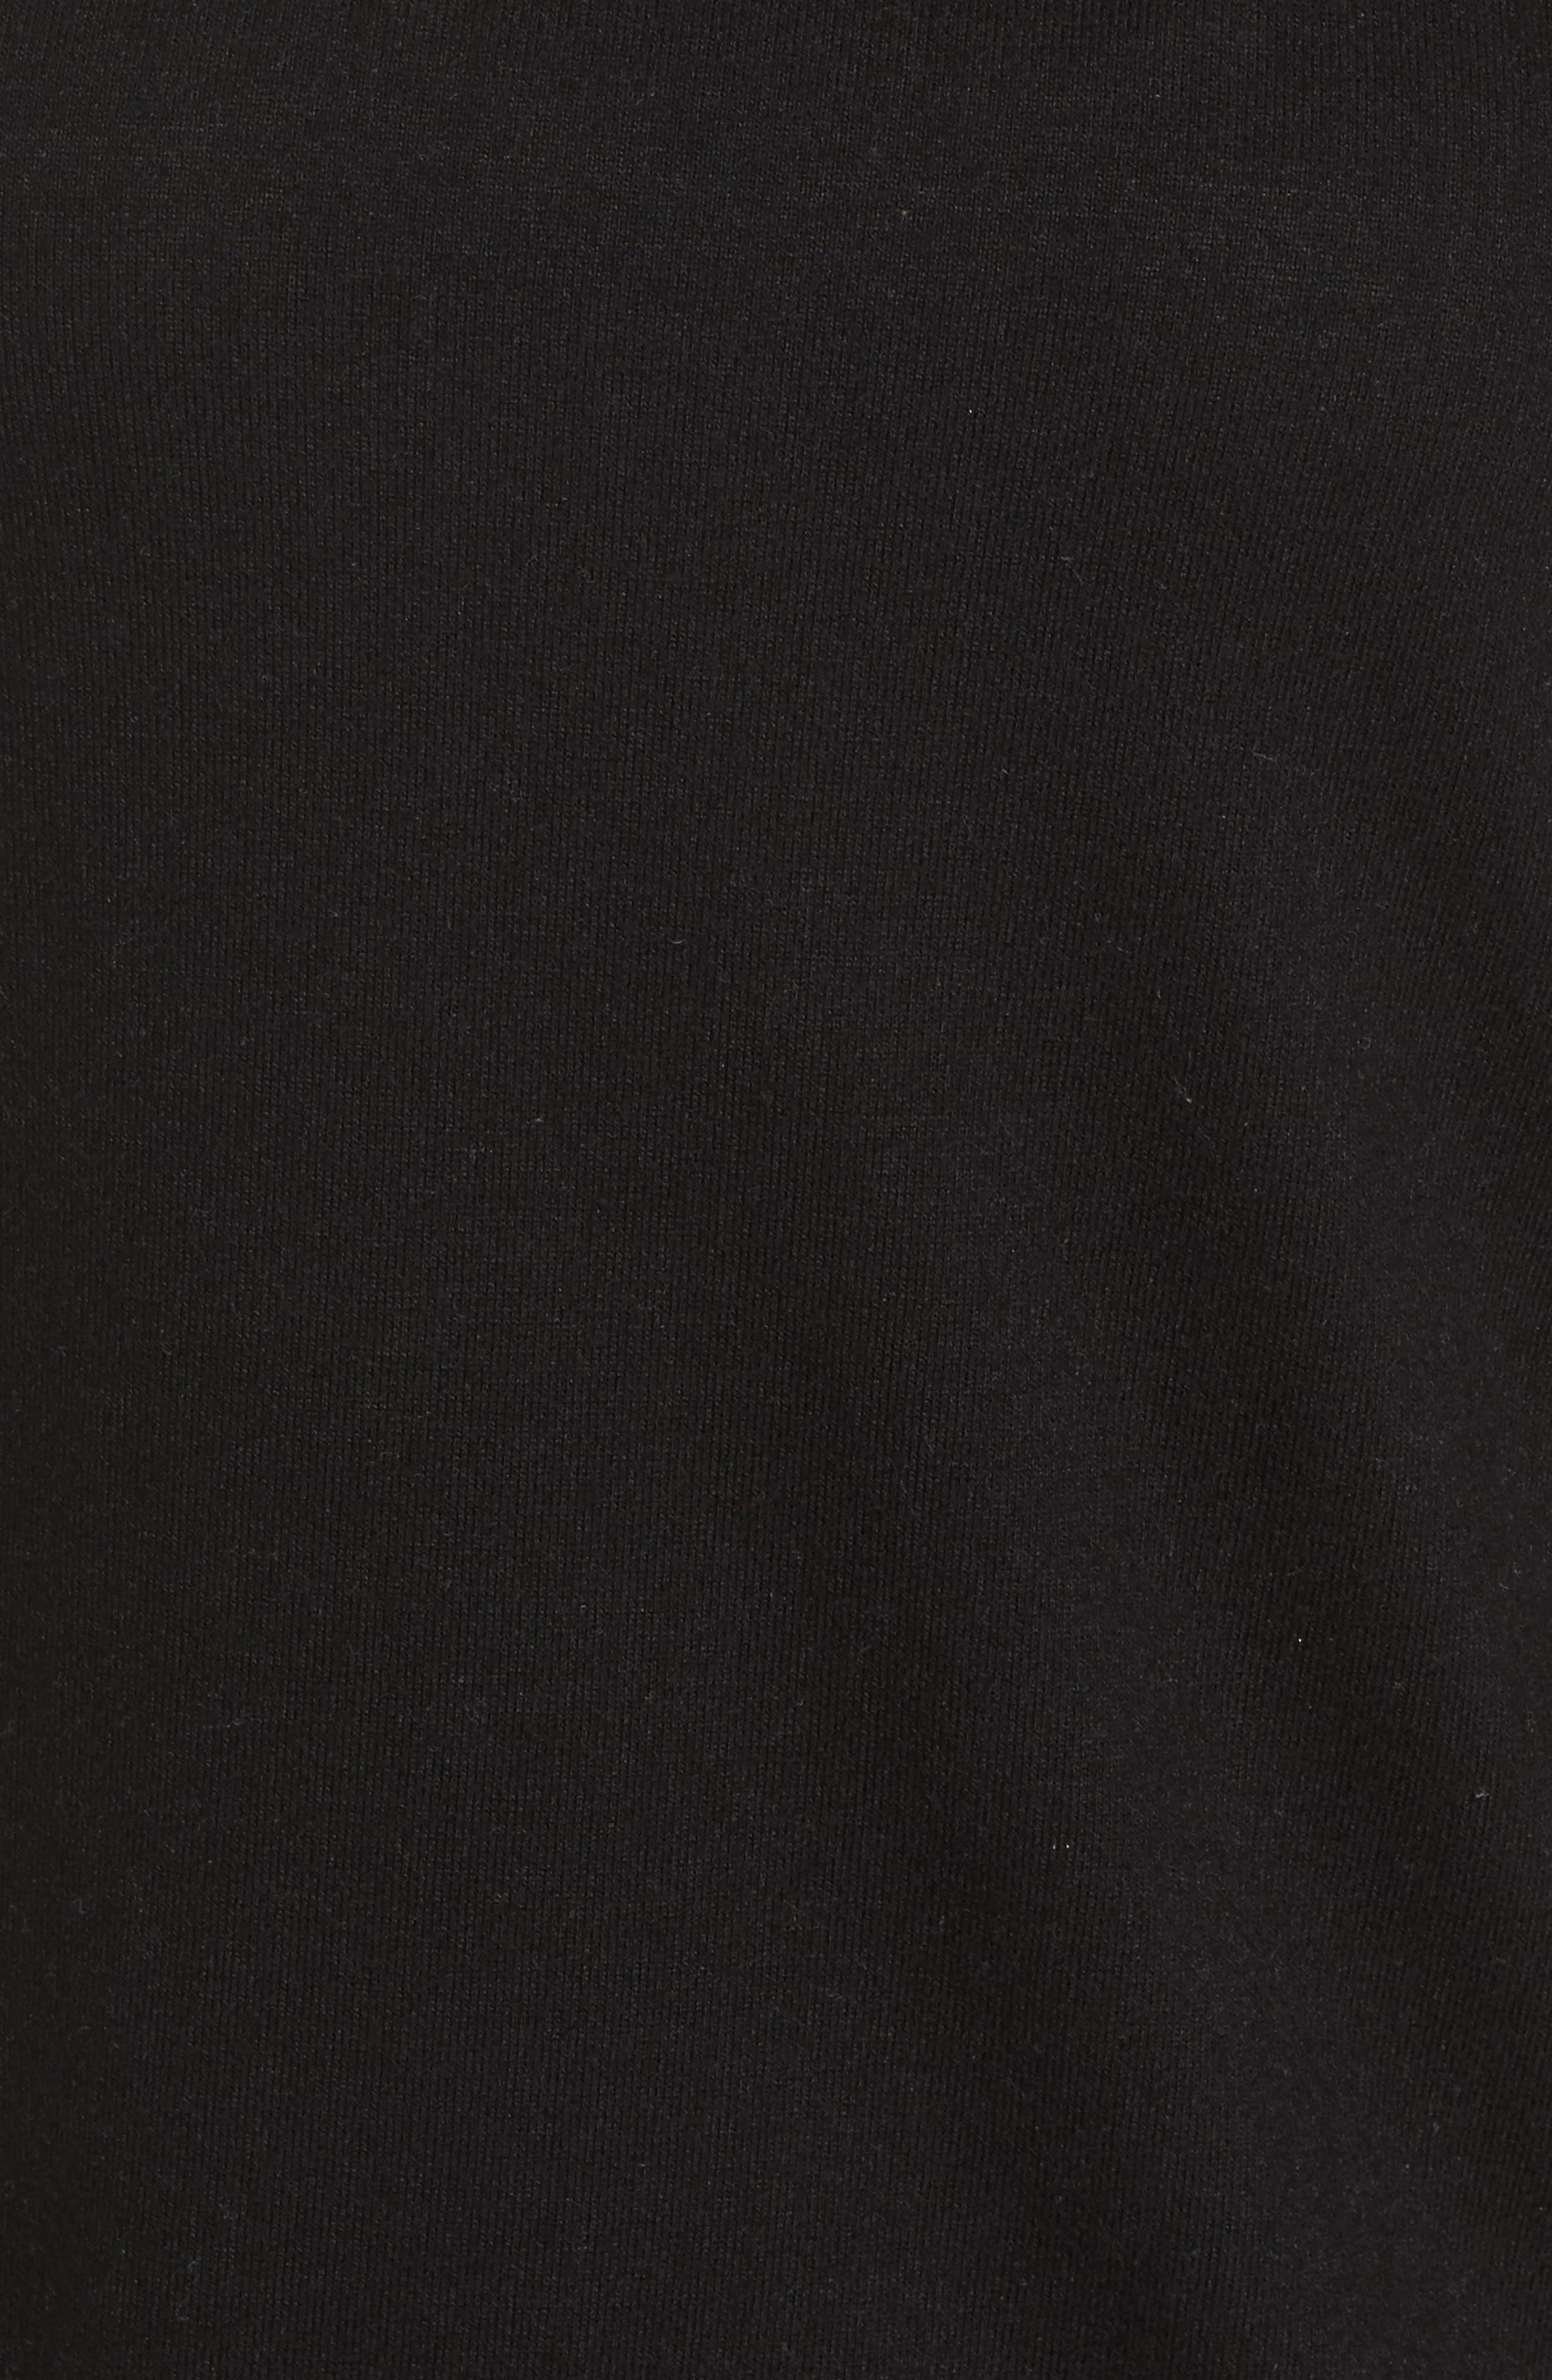 Lace Detail Cold Shoulder Top,                             Alternate thumbnail 5, color,                             006